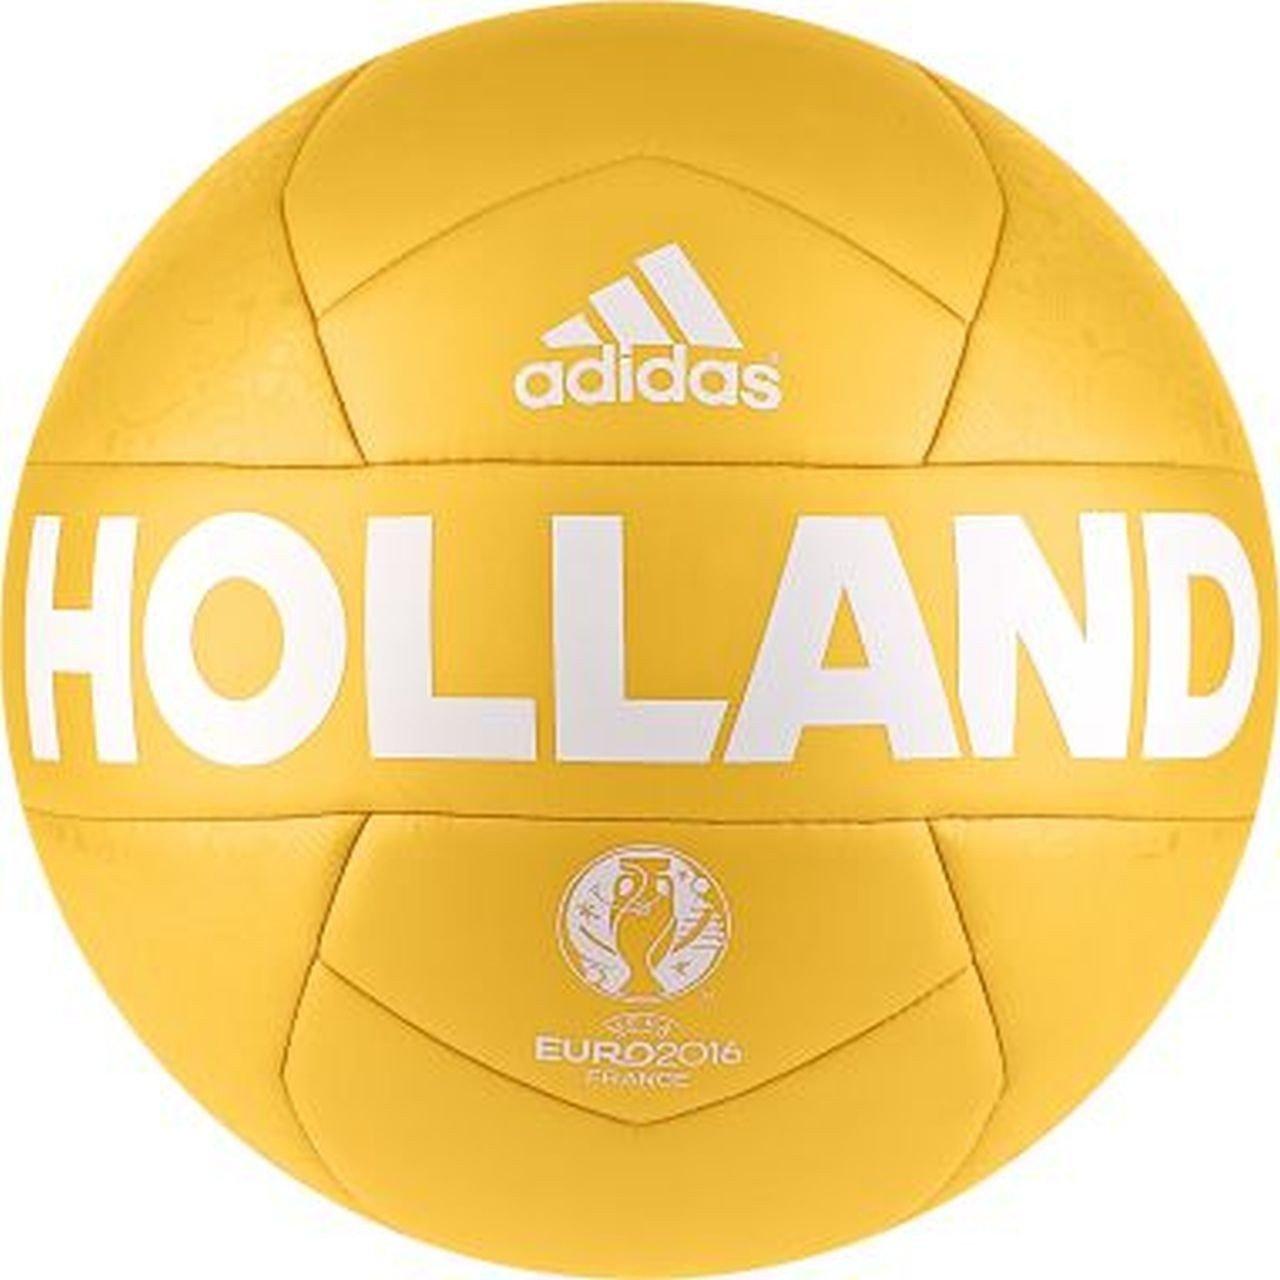 Puma Niederlande Fußball Gr. 5 für 8,04€ statt 16,48€ / Adidas Holland Fußball Gr. 5 für 10,24€ statt 18,99€ [Amazon Prime]